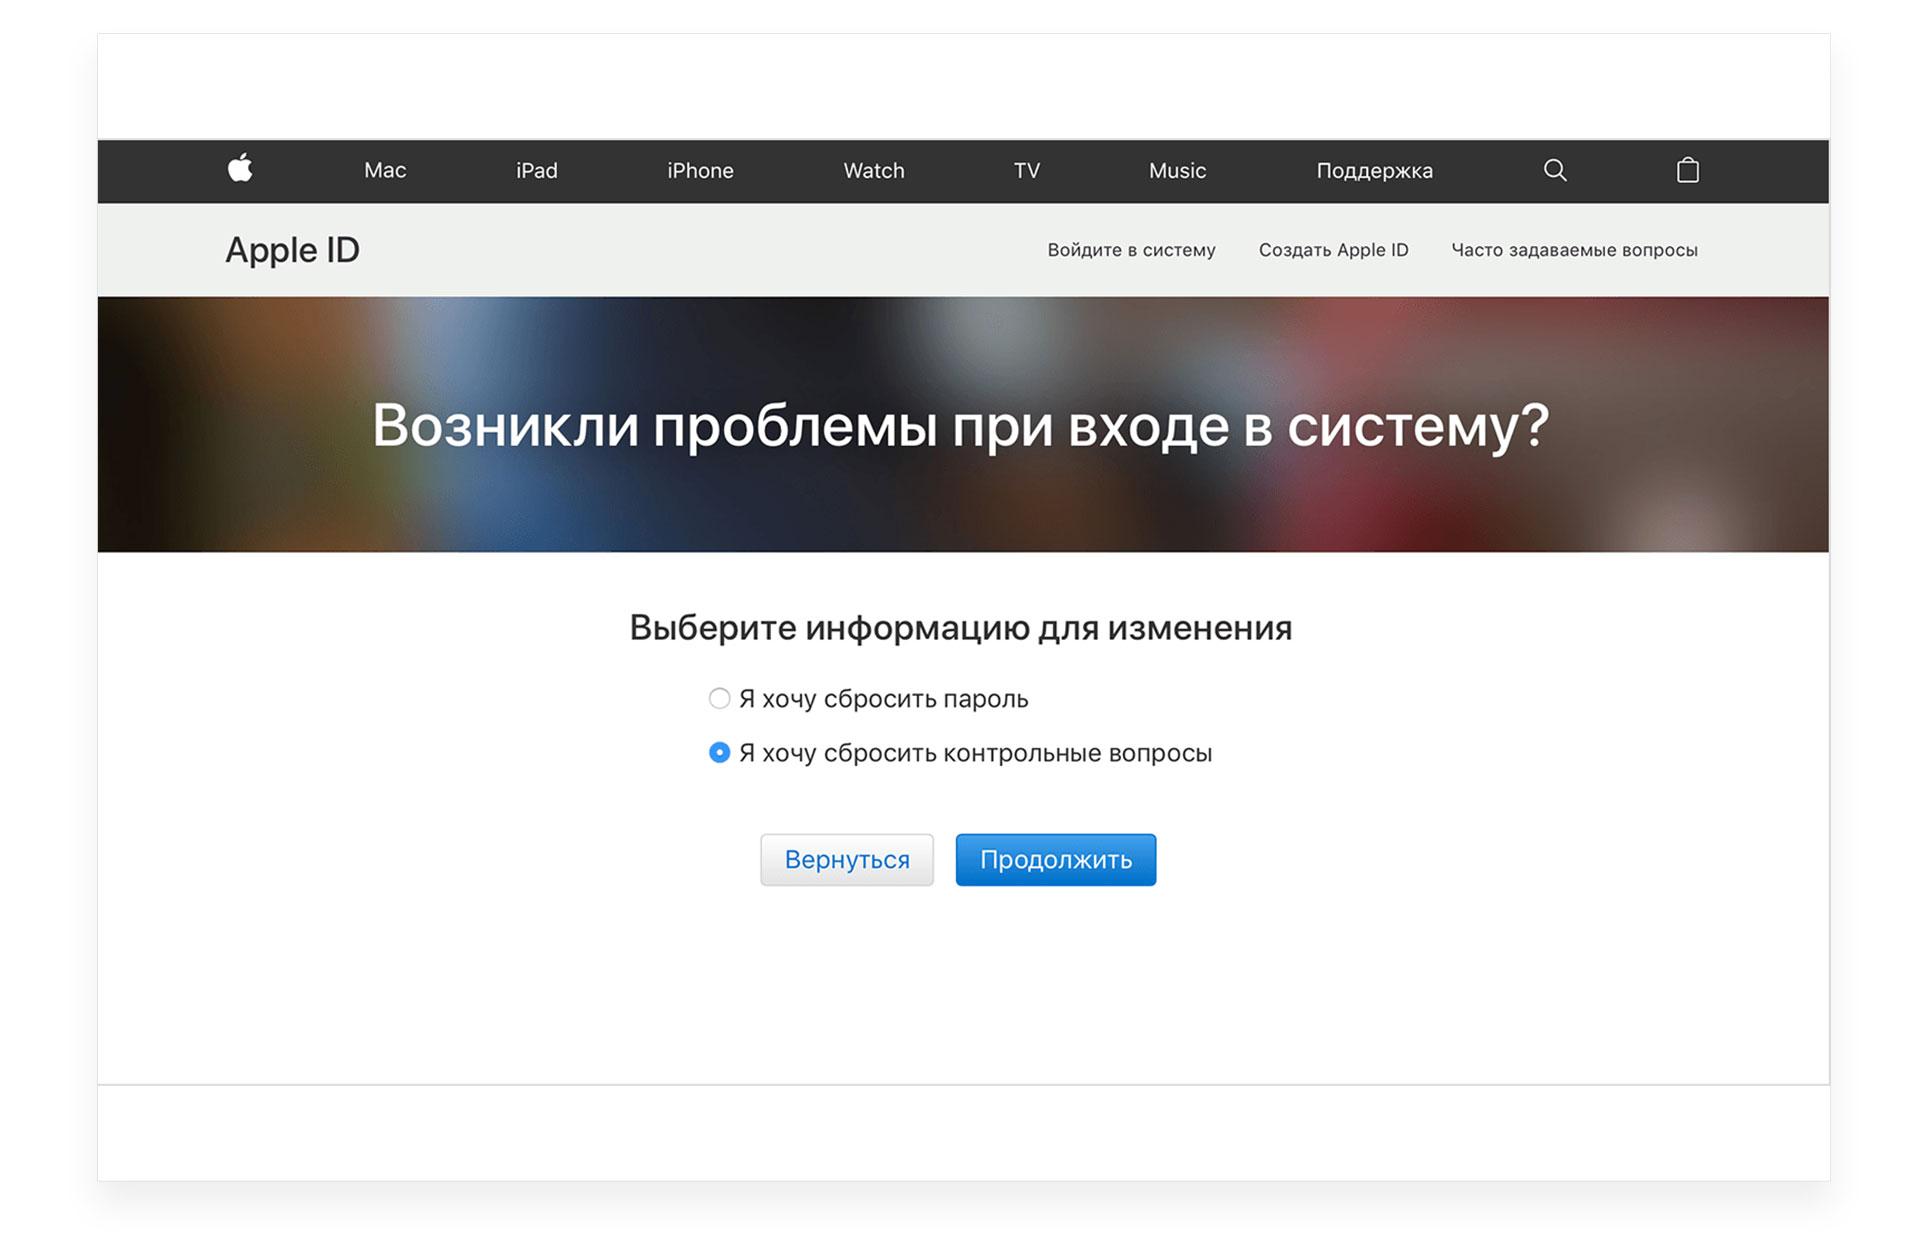 запрос-на-сброс-пароля-apple-id